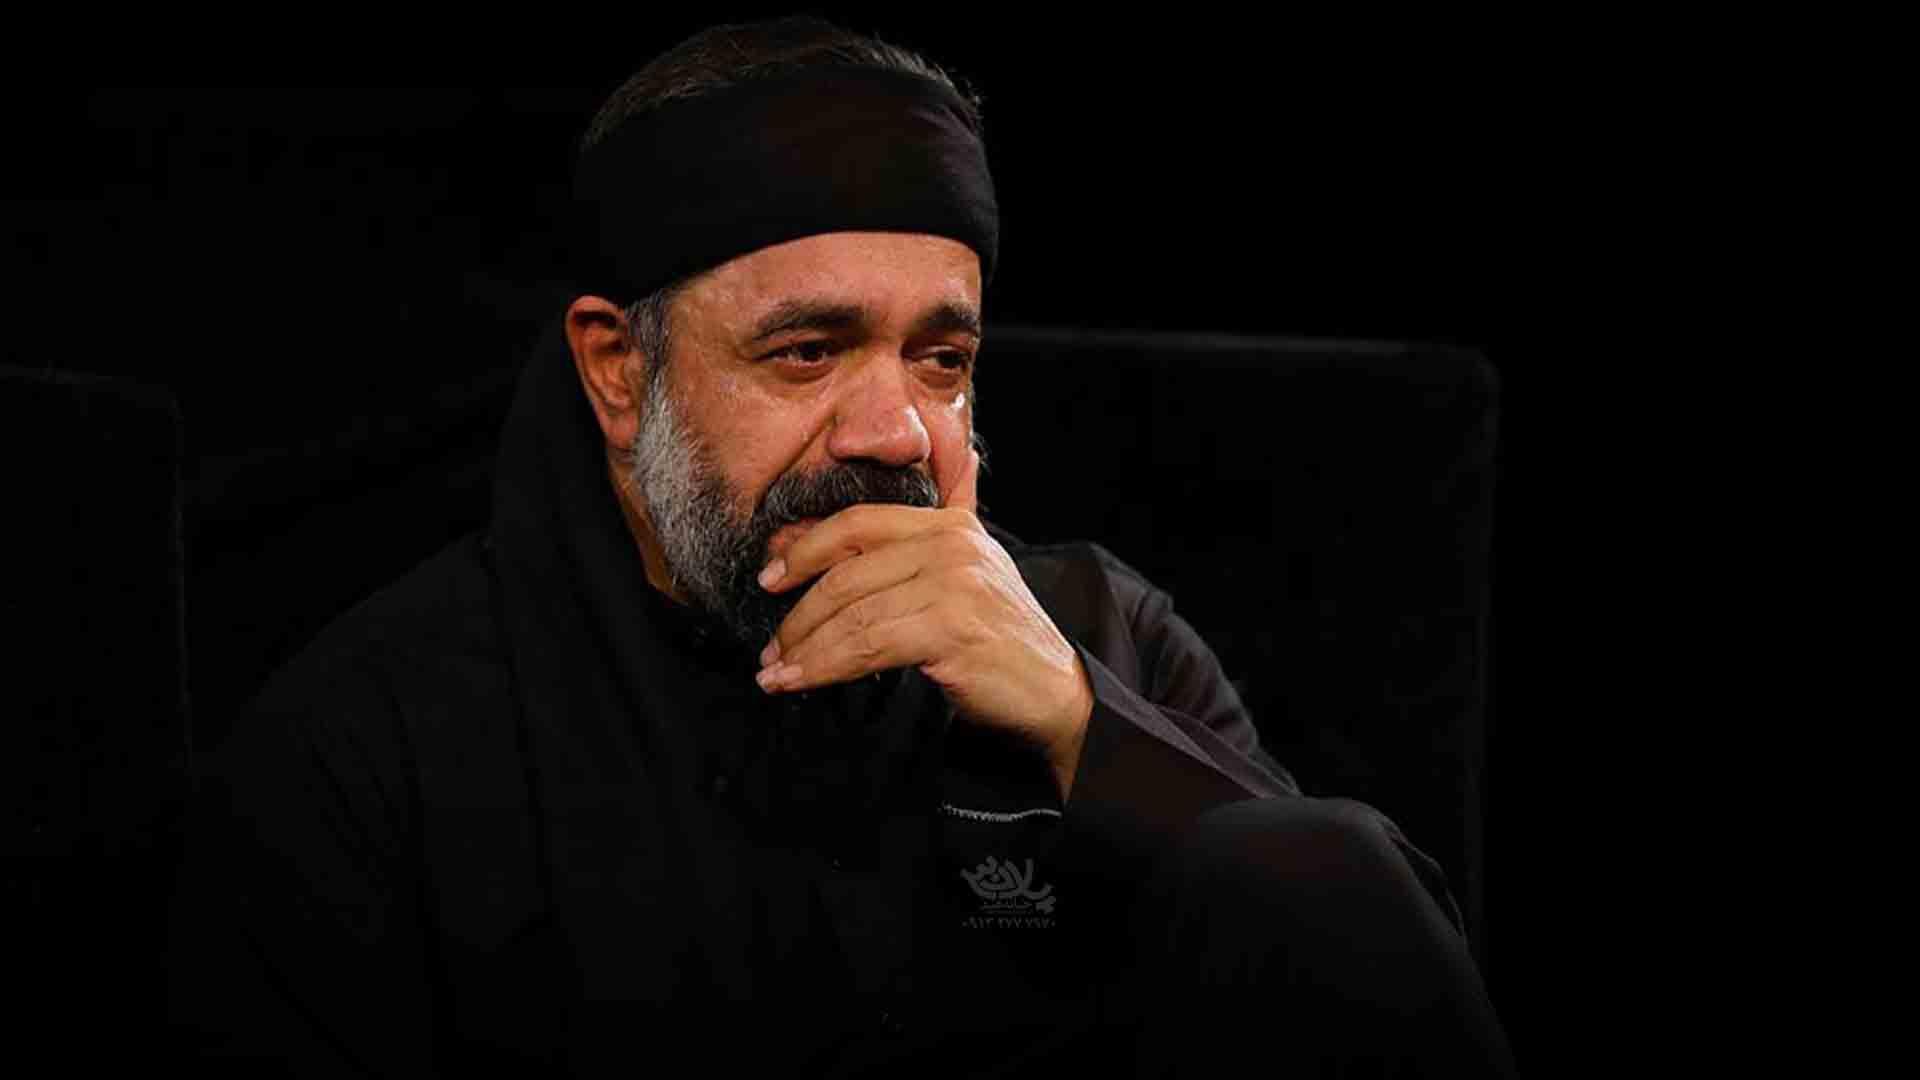 منو با خودت ببر محمود کریمی